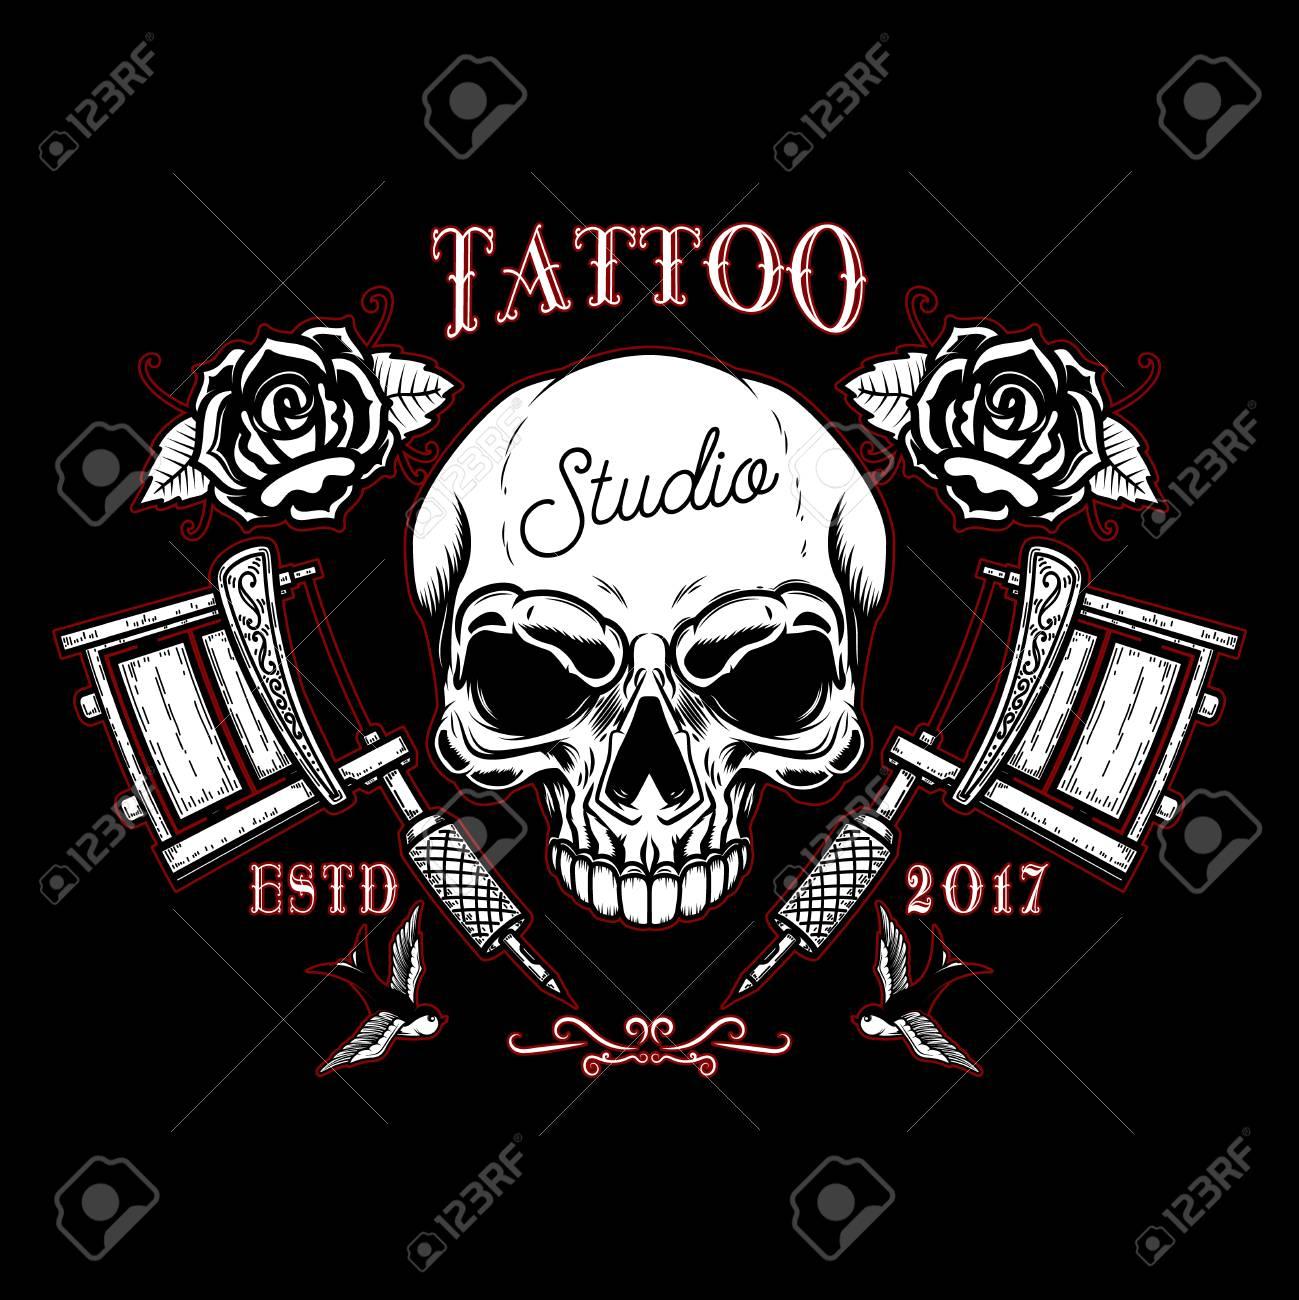 1b47f39d3 tattoo studio emblem template. Crossed tattoo machine, skull. Design  element for logo,